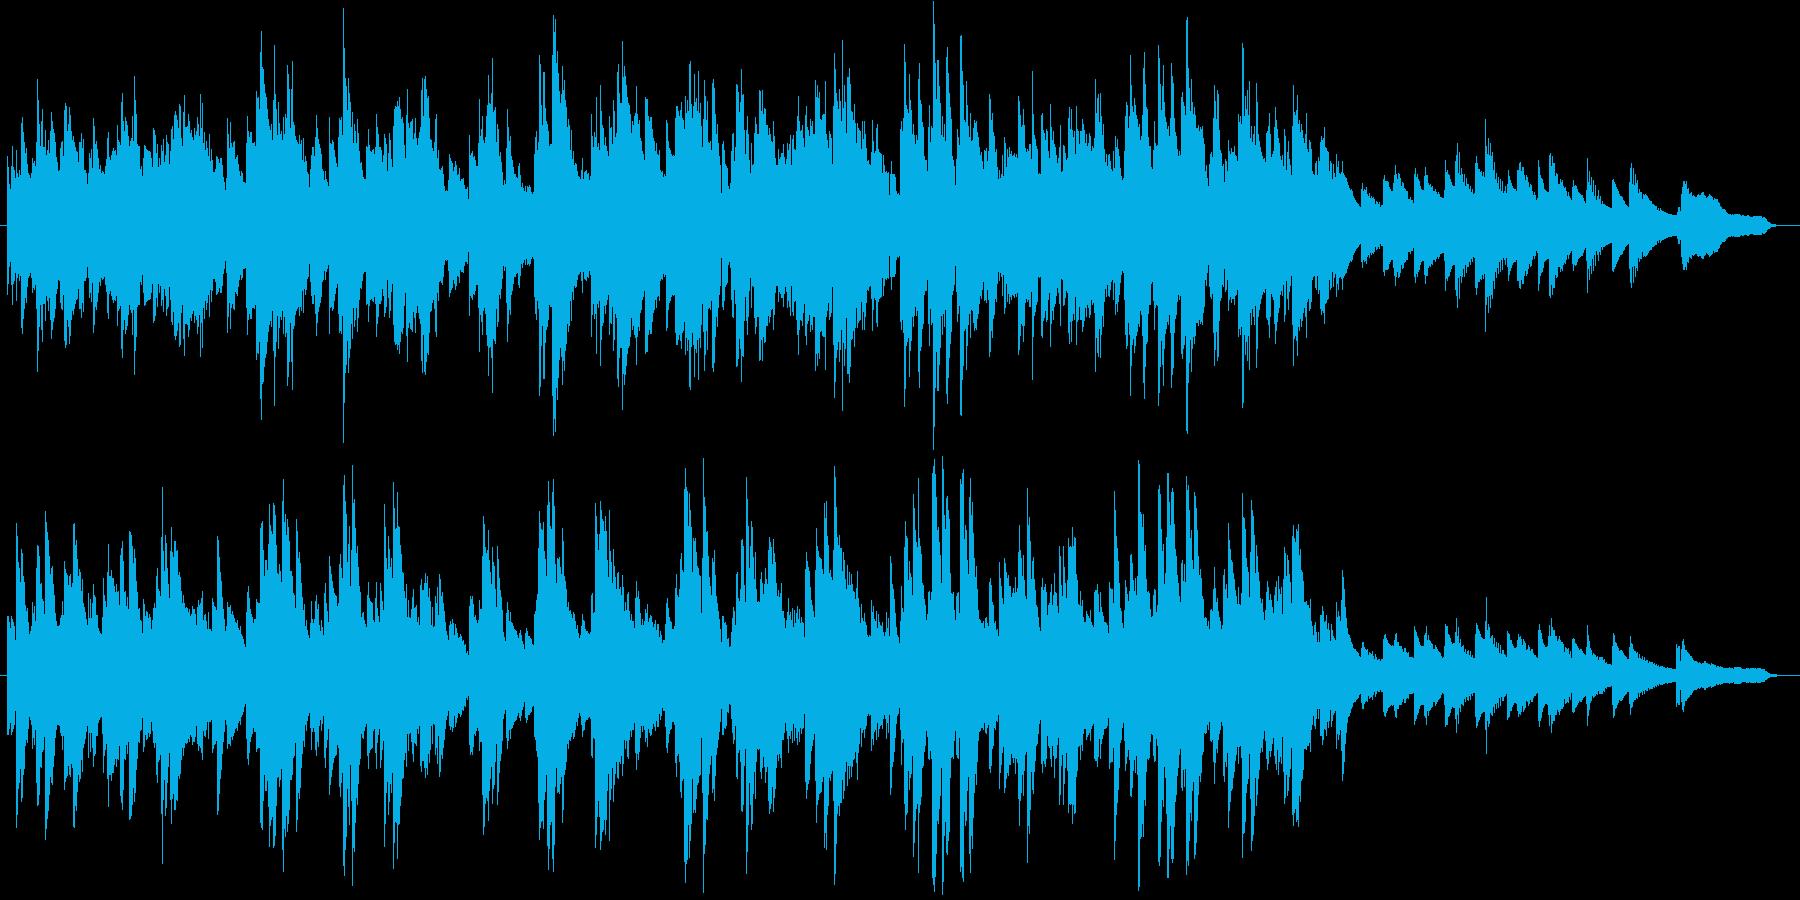 シャンソンのような雰囲気のピアノソロの再生済みの波形